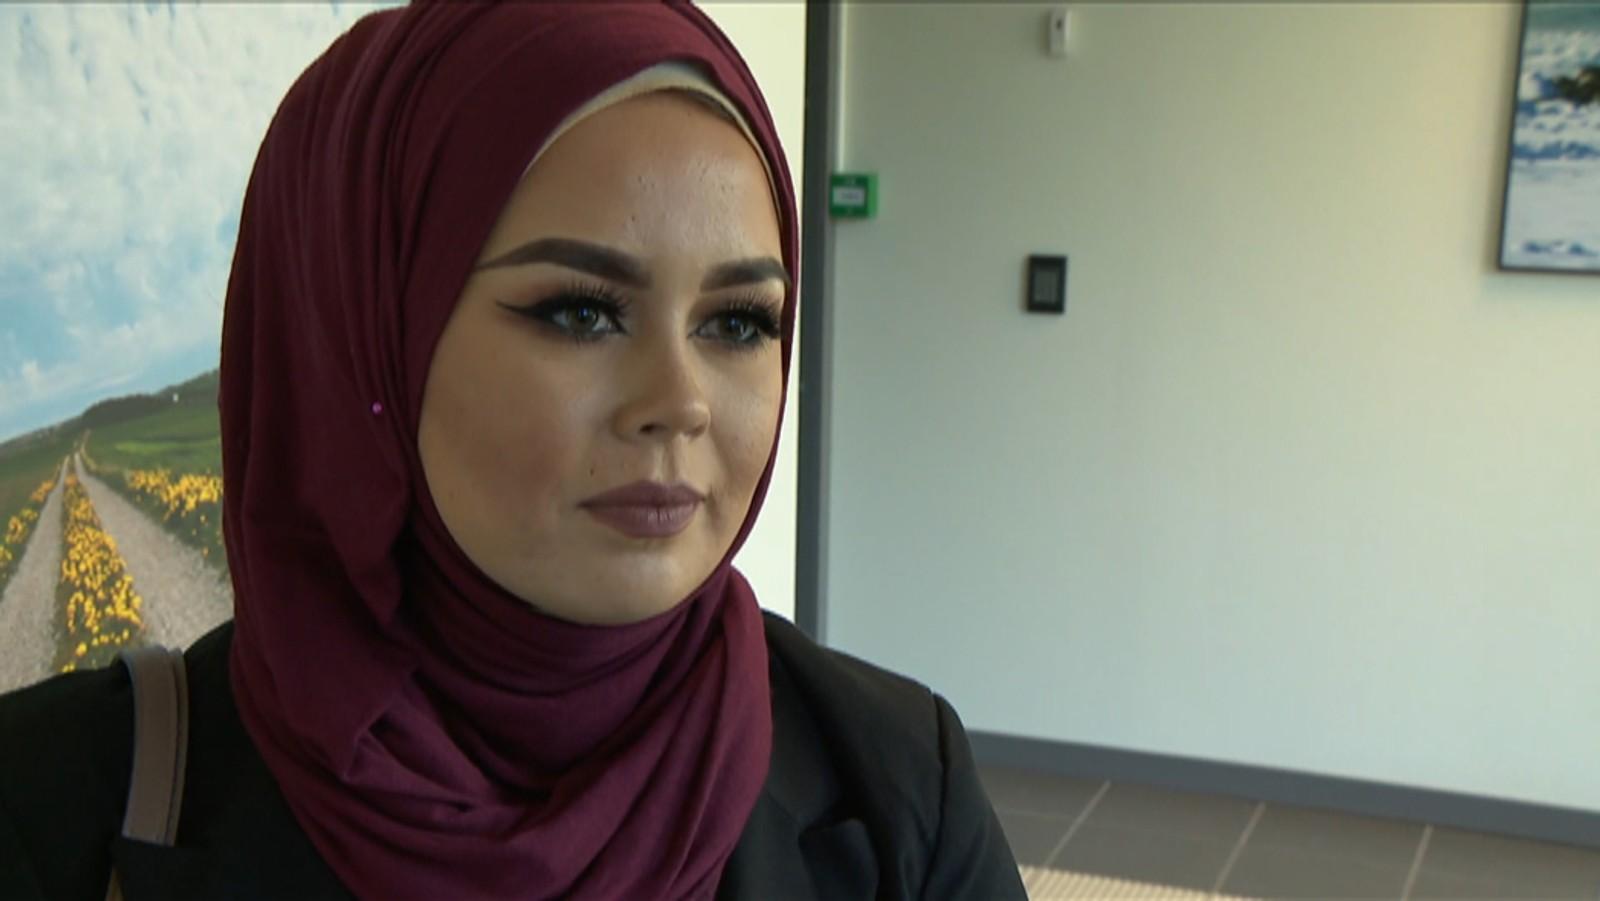 Malika Bayan kämpft gegen Diskriminierung von Muslimen. Bild: nrk.no/Rogaland